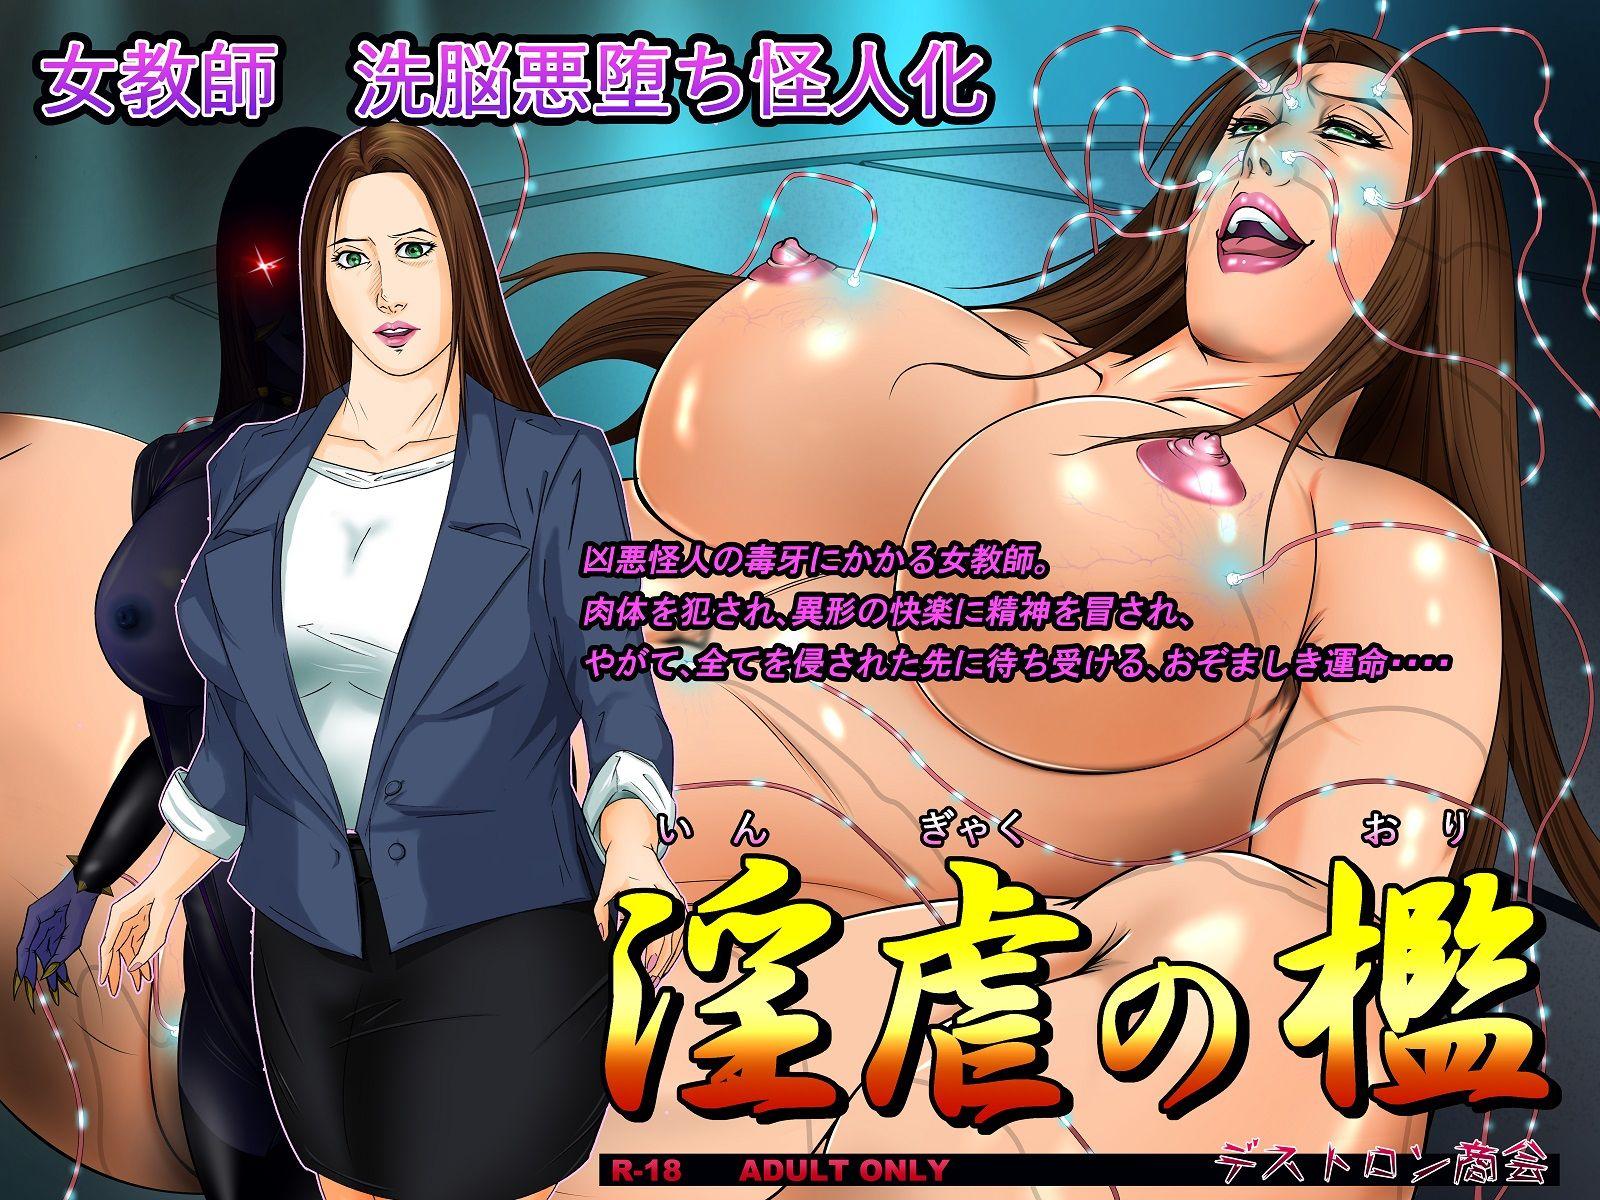 【デストロン商会 同人】淫虐の檻~女教師洗脳悪堕ち怪人化~